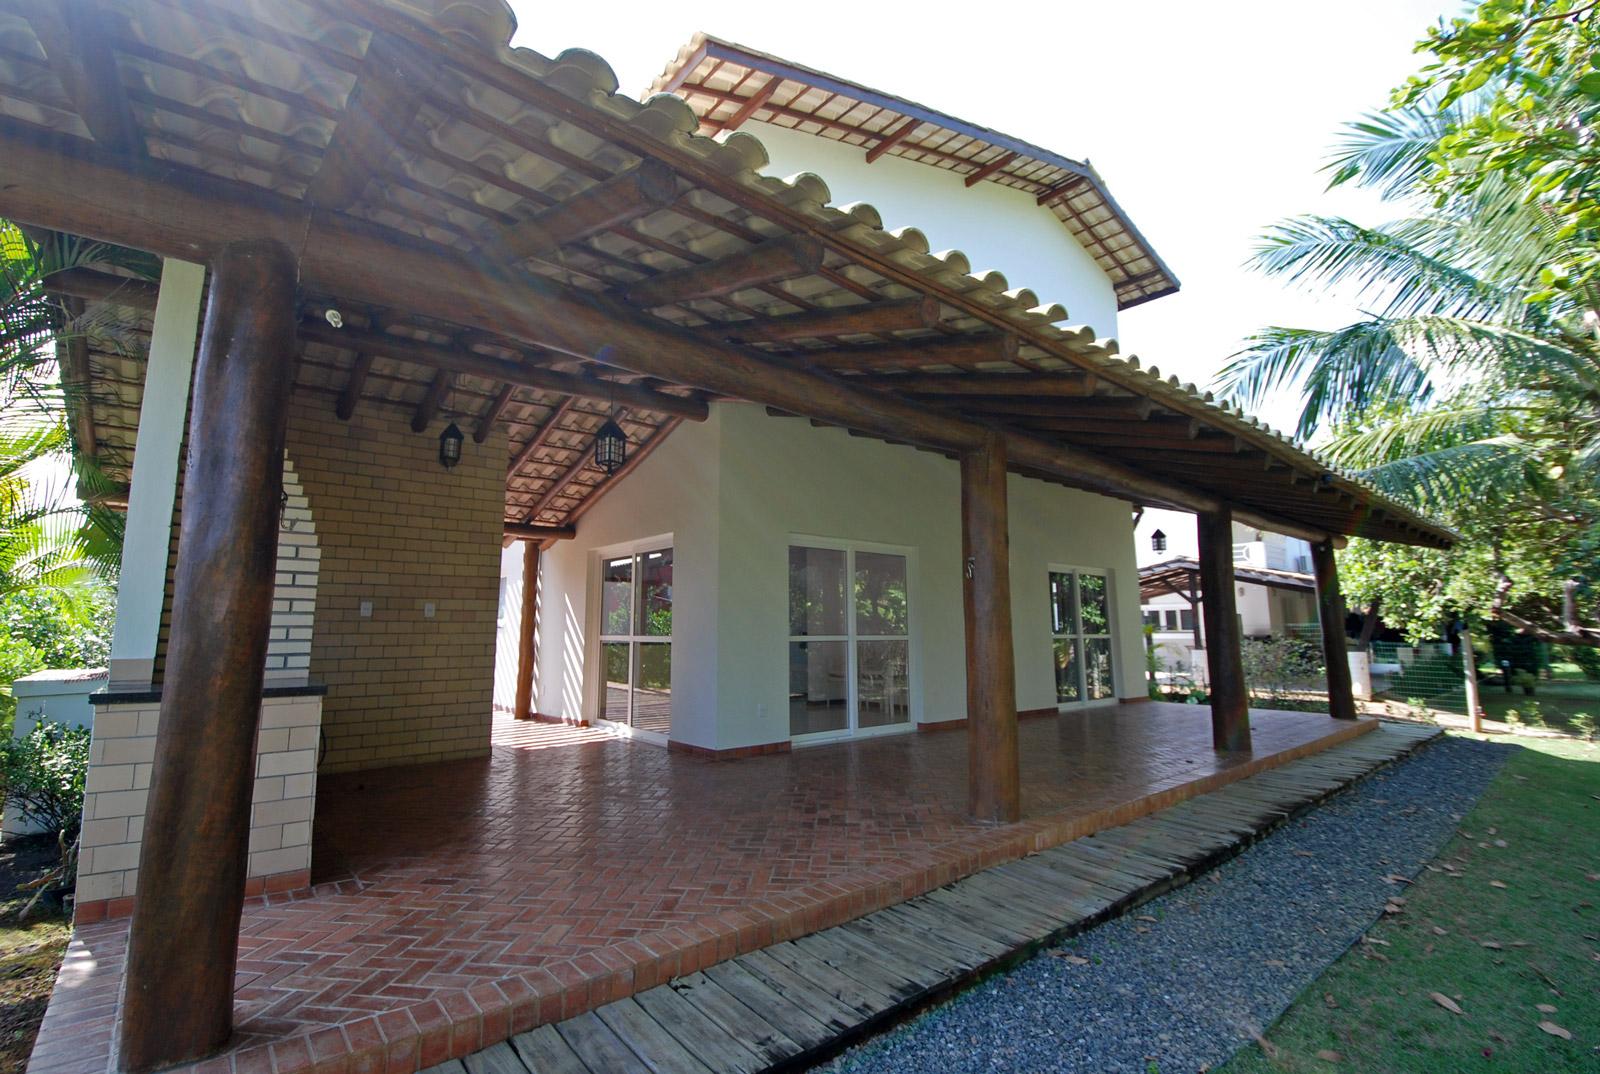 #798546  Imóveis à venda Lauro de Freitas Litoral Norte e Salvador 1202 Portas E Janelas De Madeira Em Uniao Da Vitoria